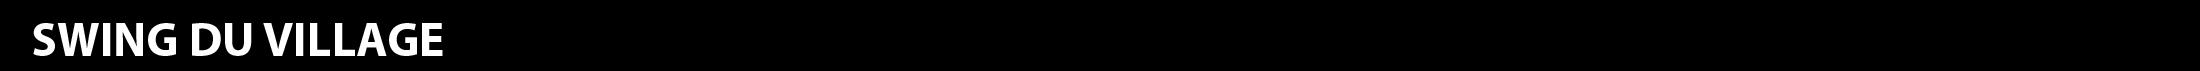 Titre4-01